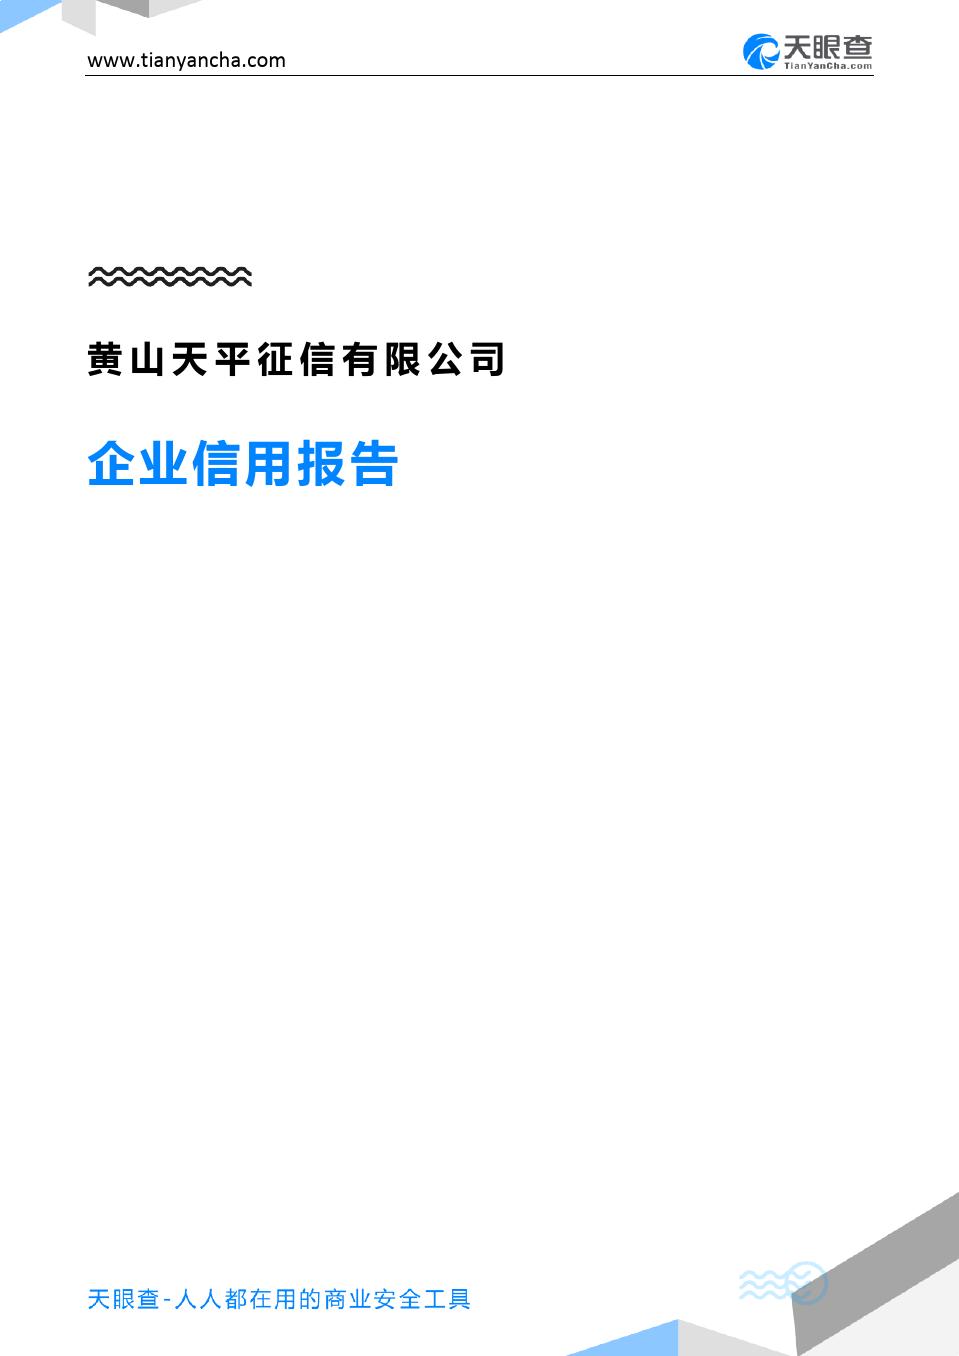 黄山天平征信有限公司(企业信用报告)- 天眼查